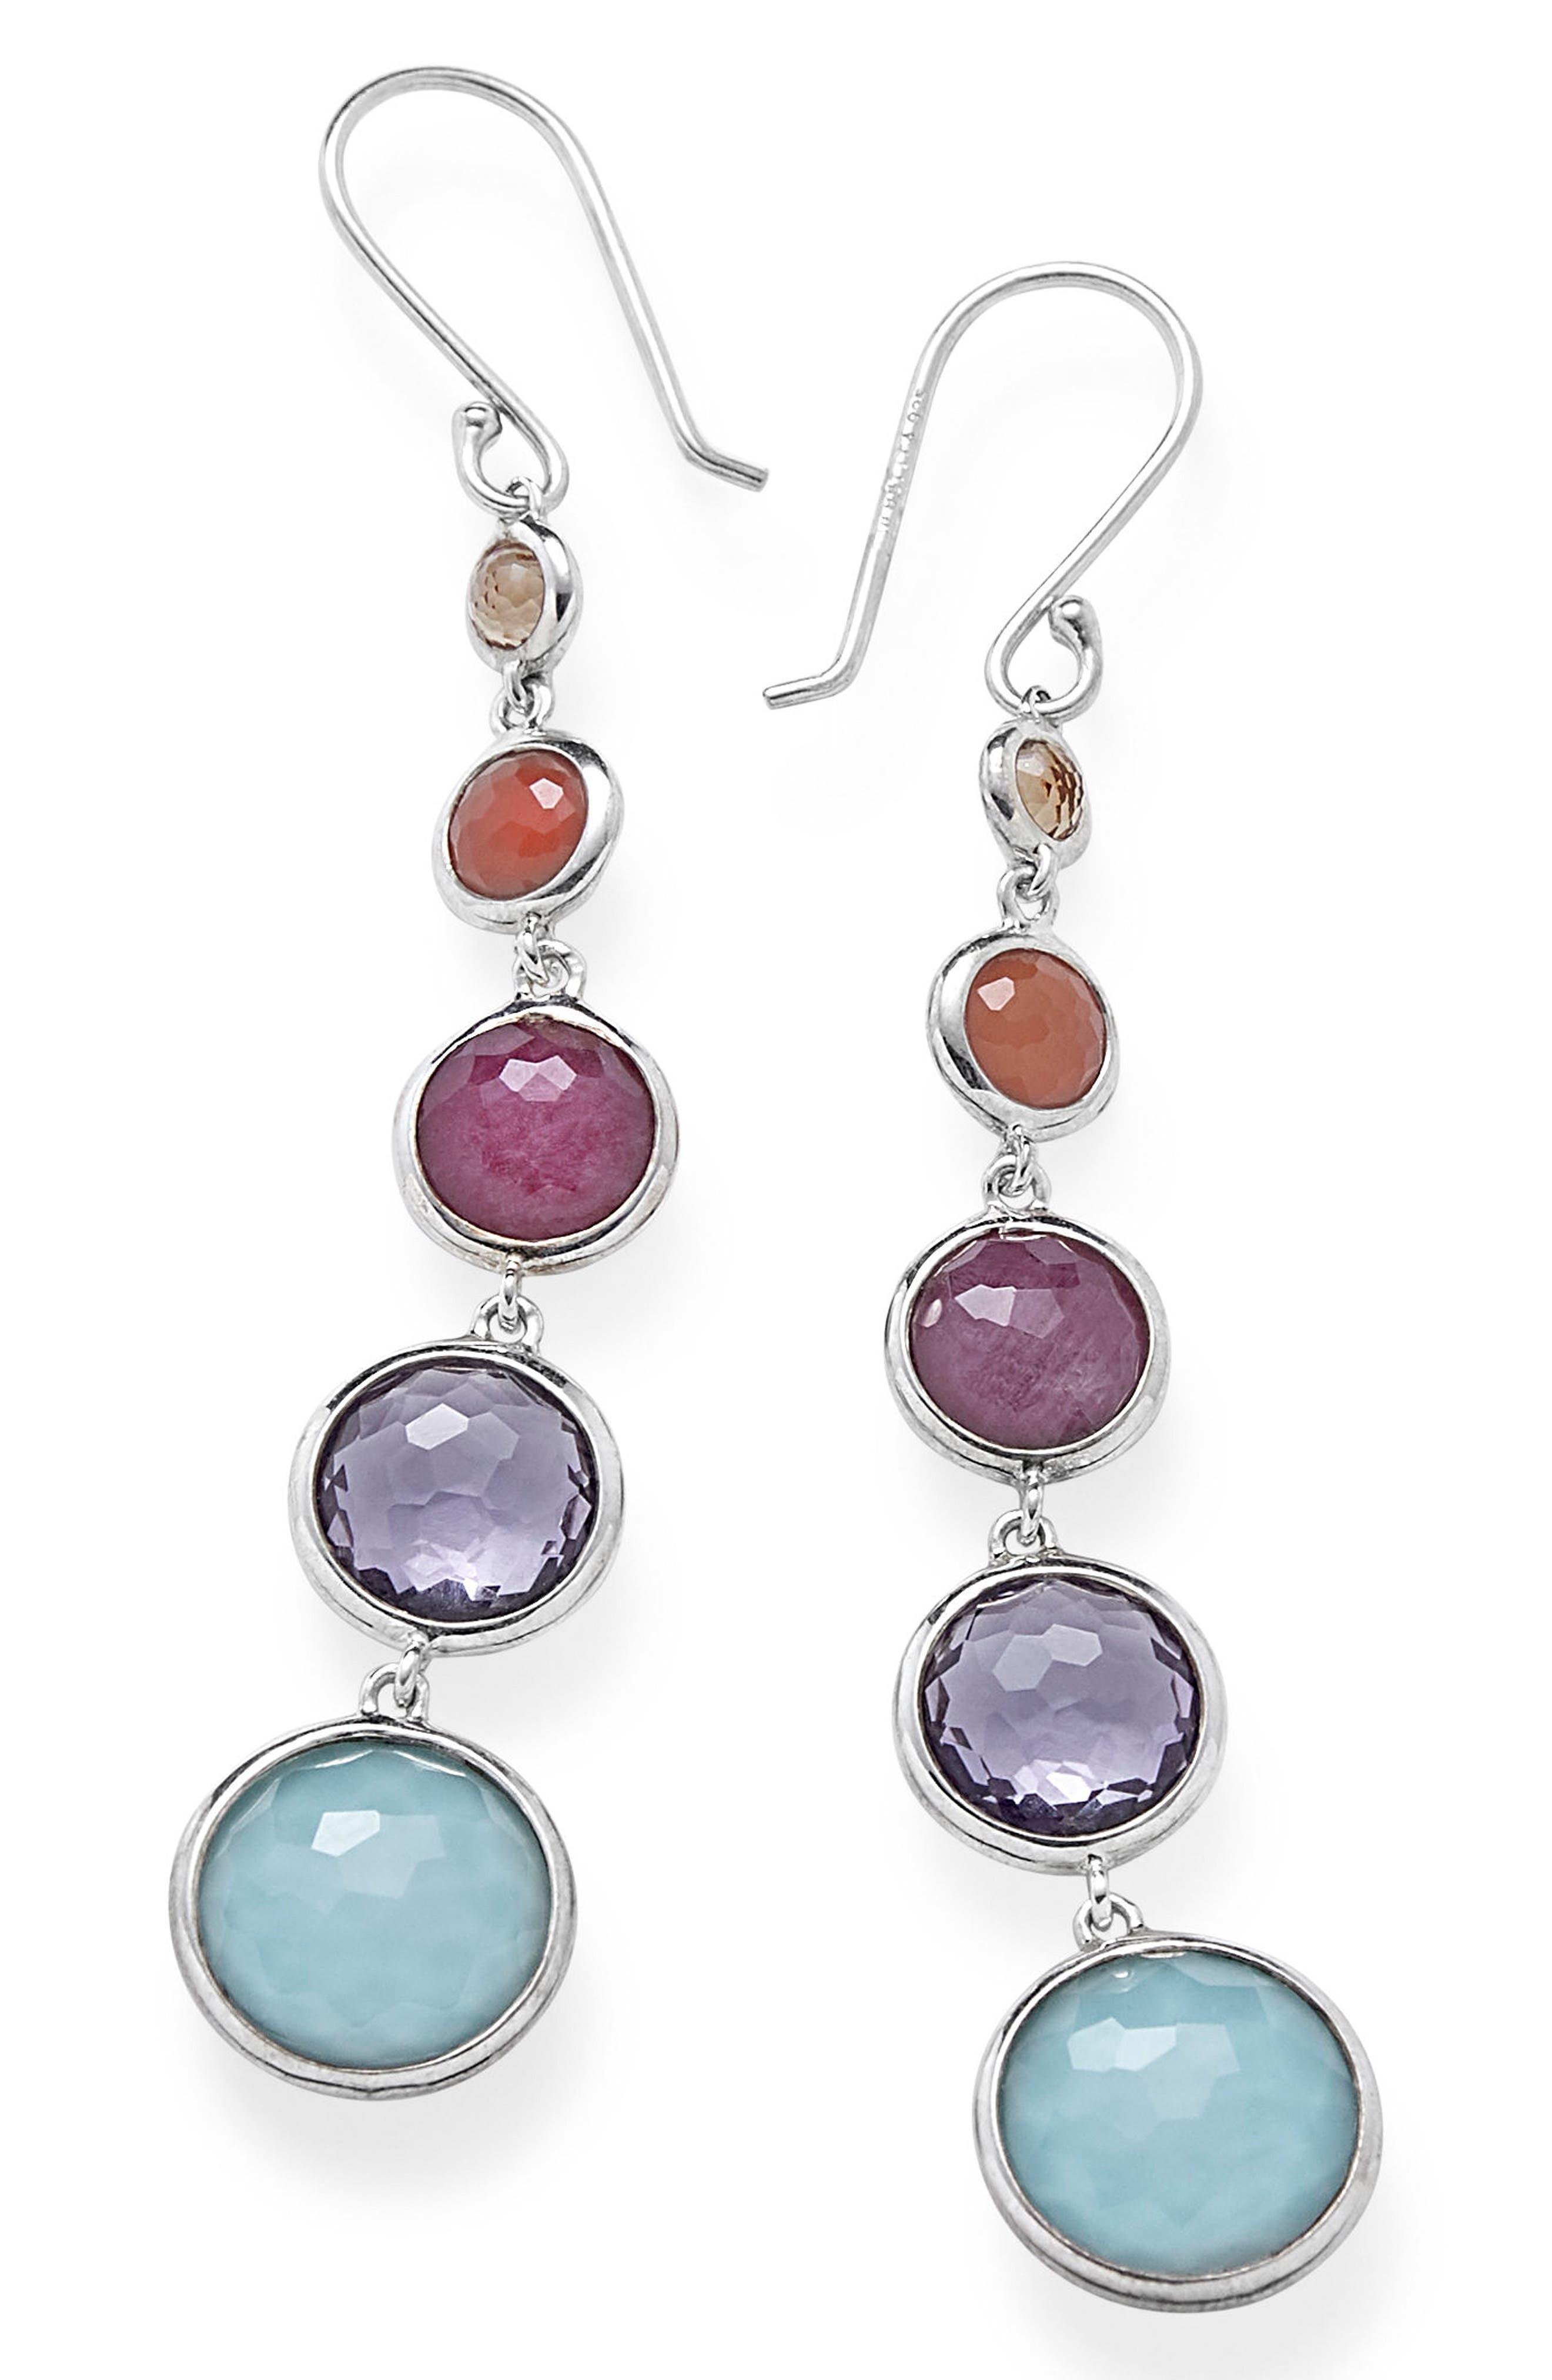 Semiprecious Stone Drop Earrings,                             Main thumbnail 1, color,                             Rainbow